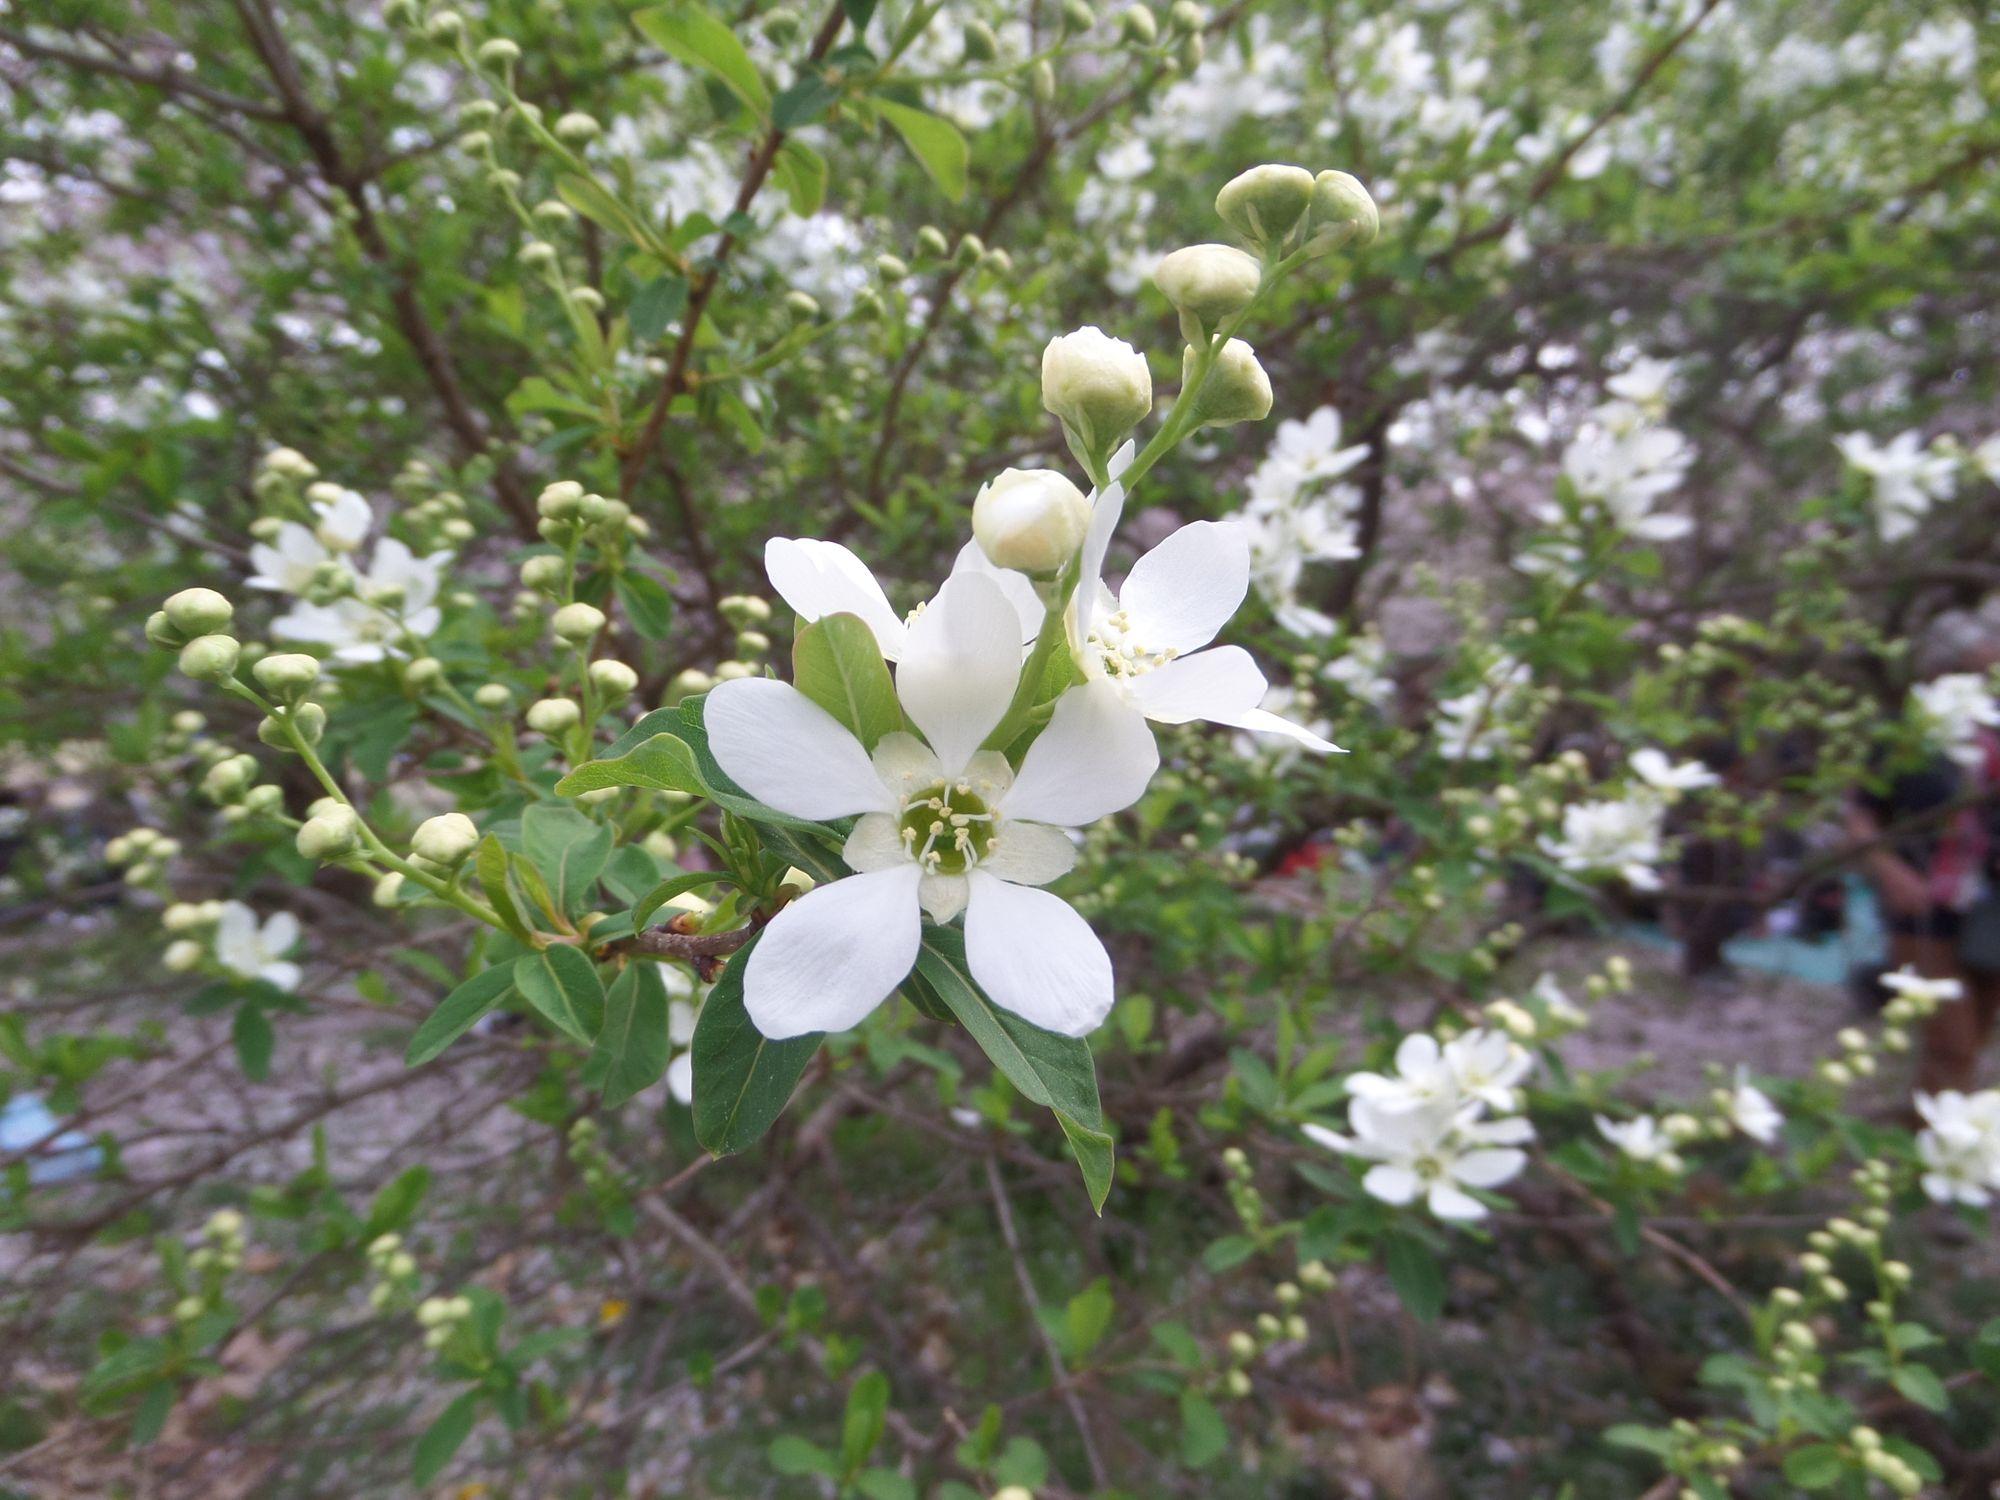 Trumpakotė egzochorda (Exochorda serratifolia)